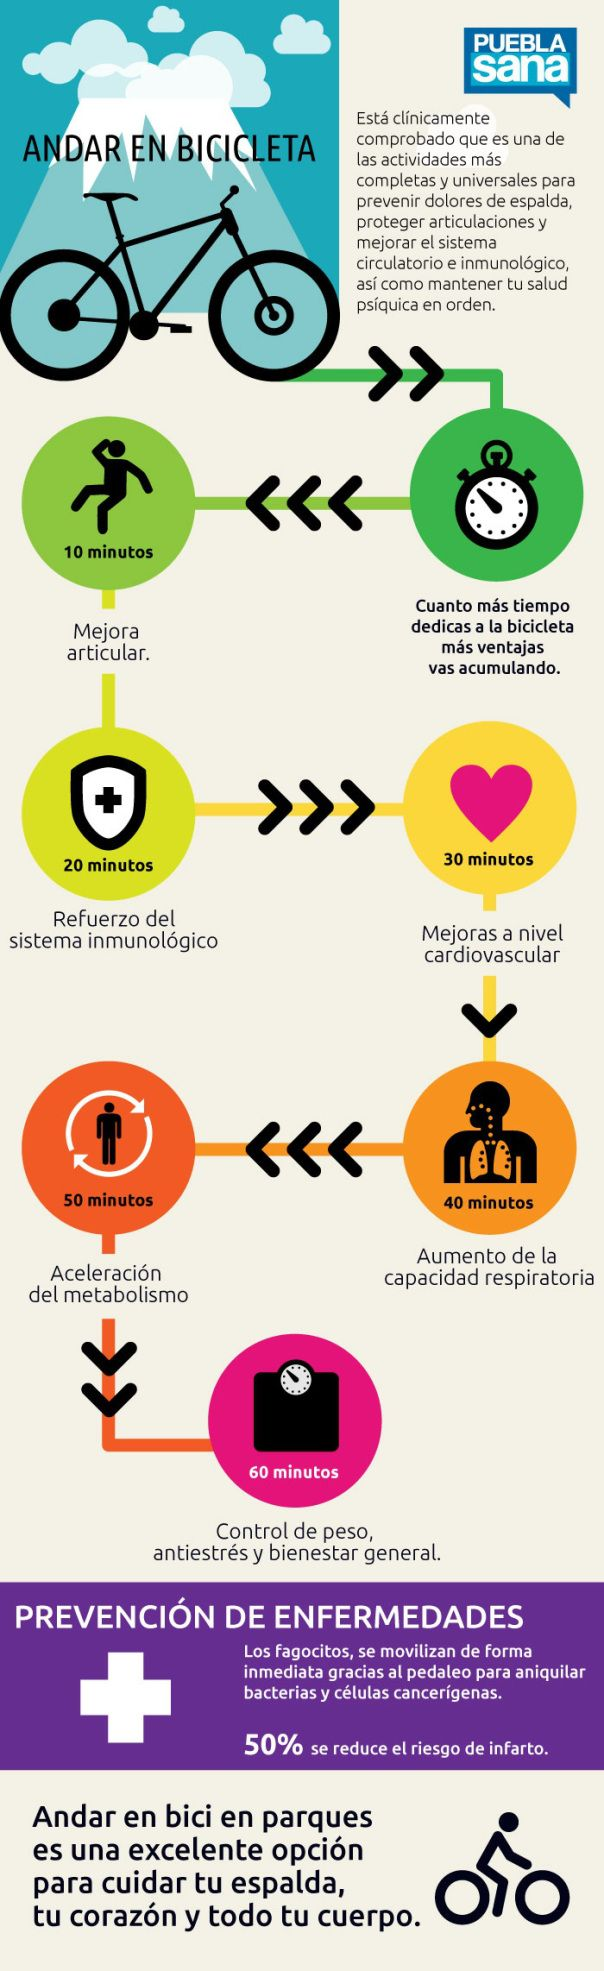 Beneficios para la salud de andar en bicicleta #infografia